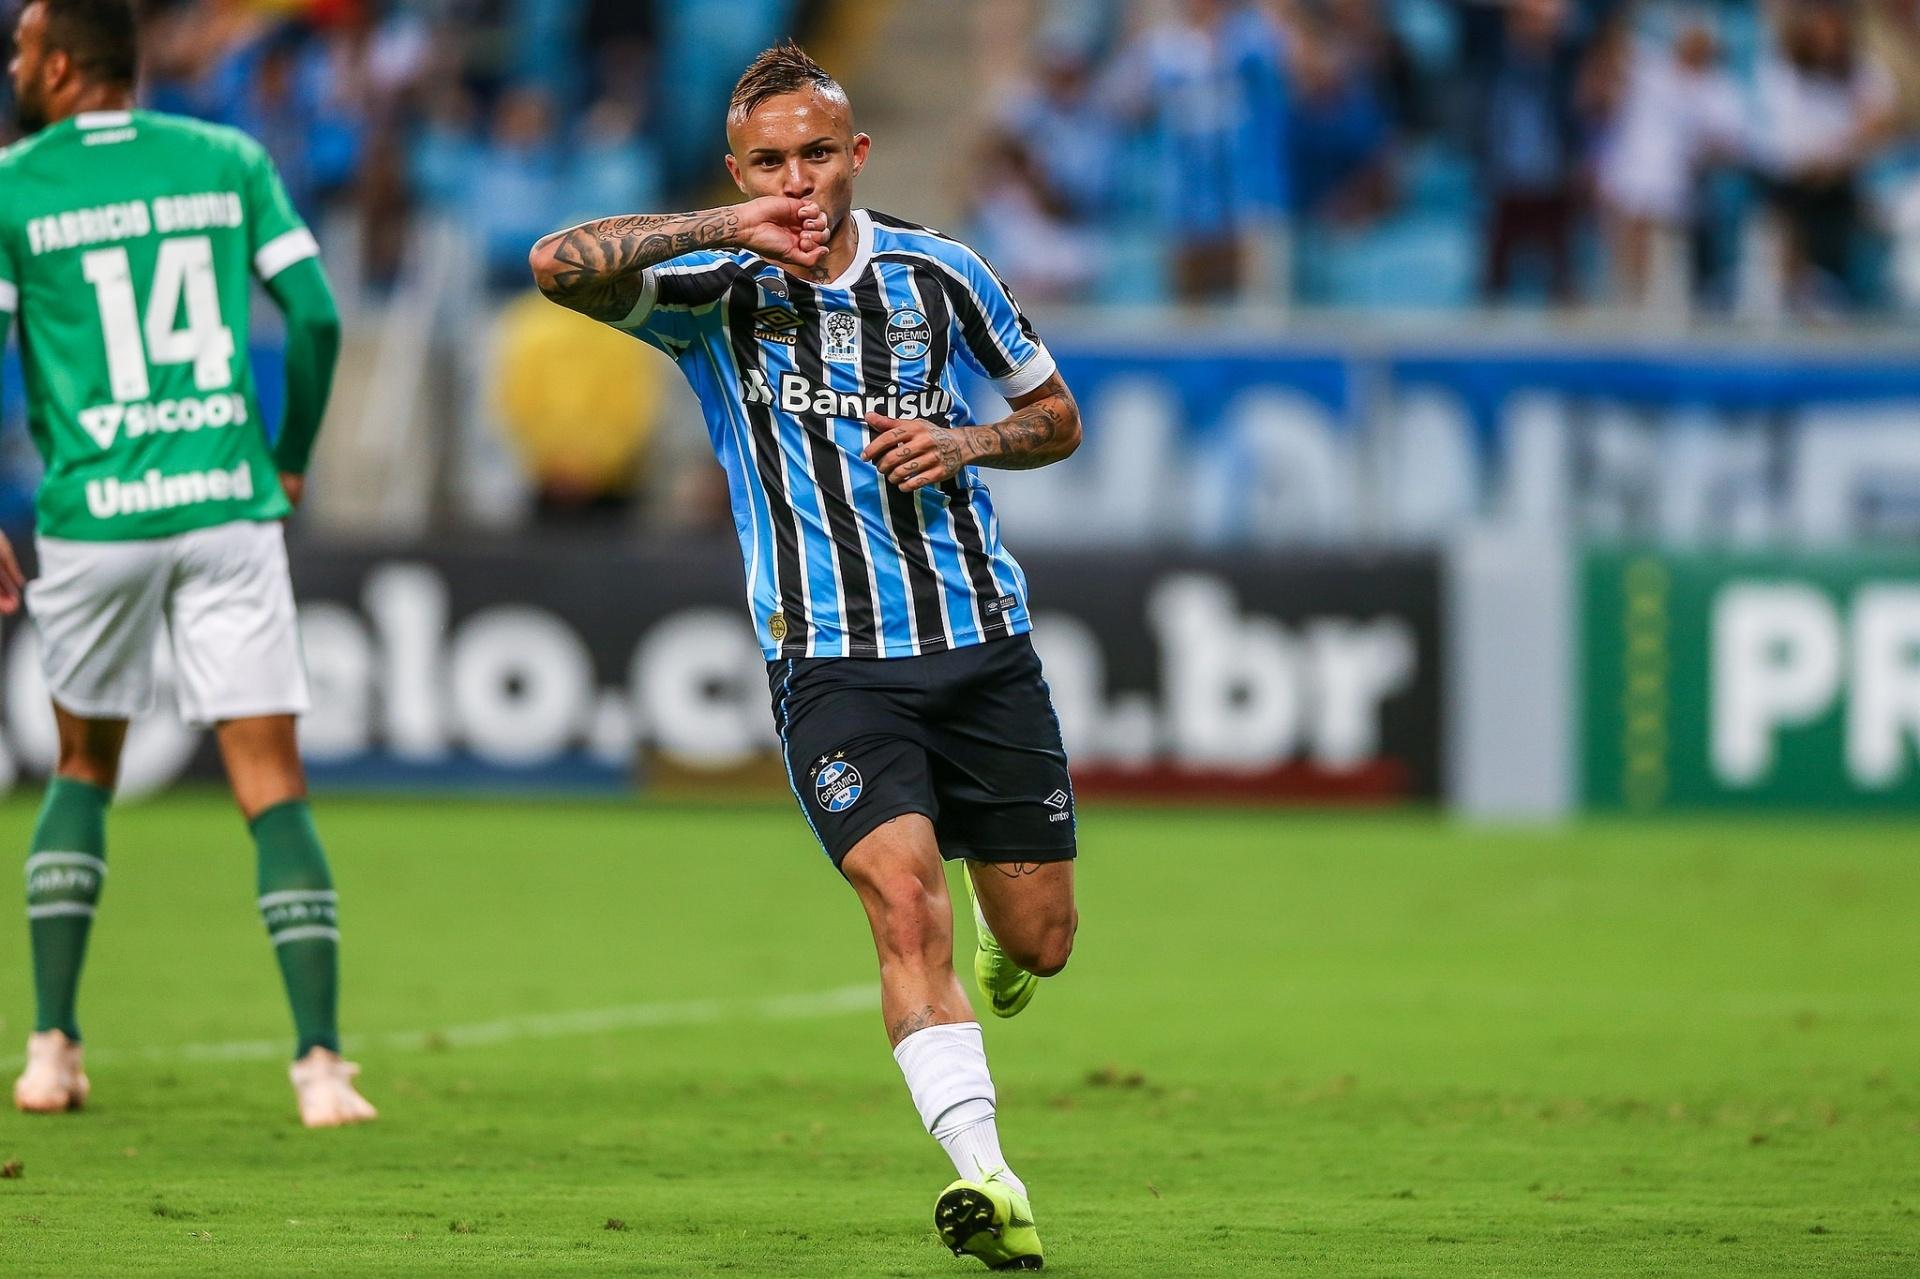 Everton diz que define se fica ou sai do Grêmio após as férias - 03 12 2018  - UOL Esporte 1841ab567486a